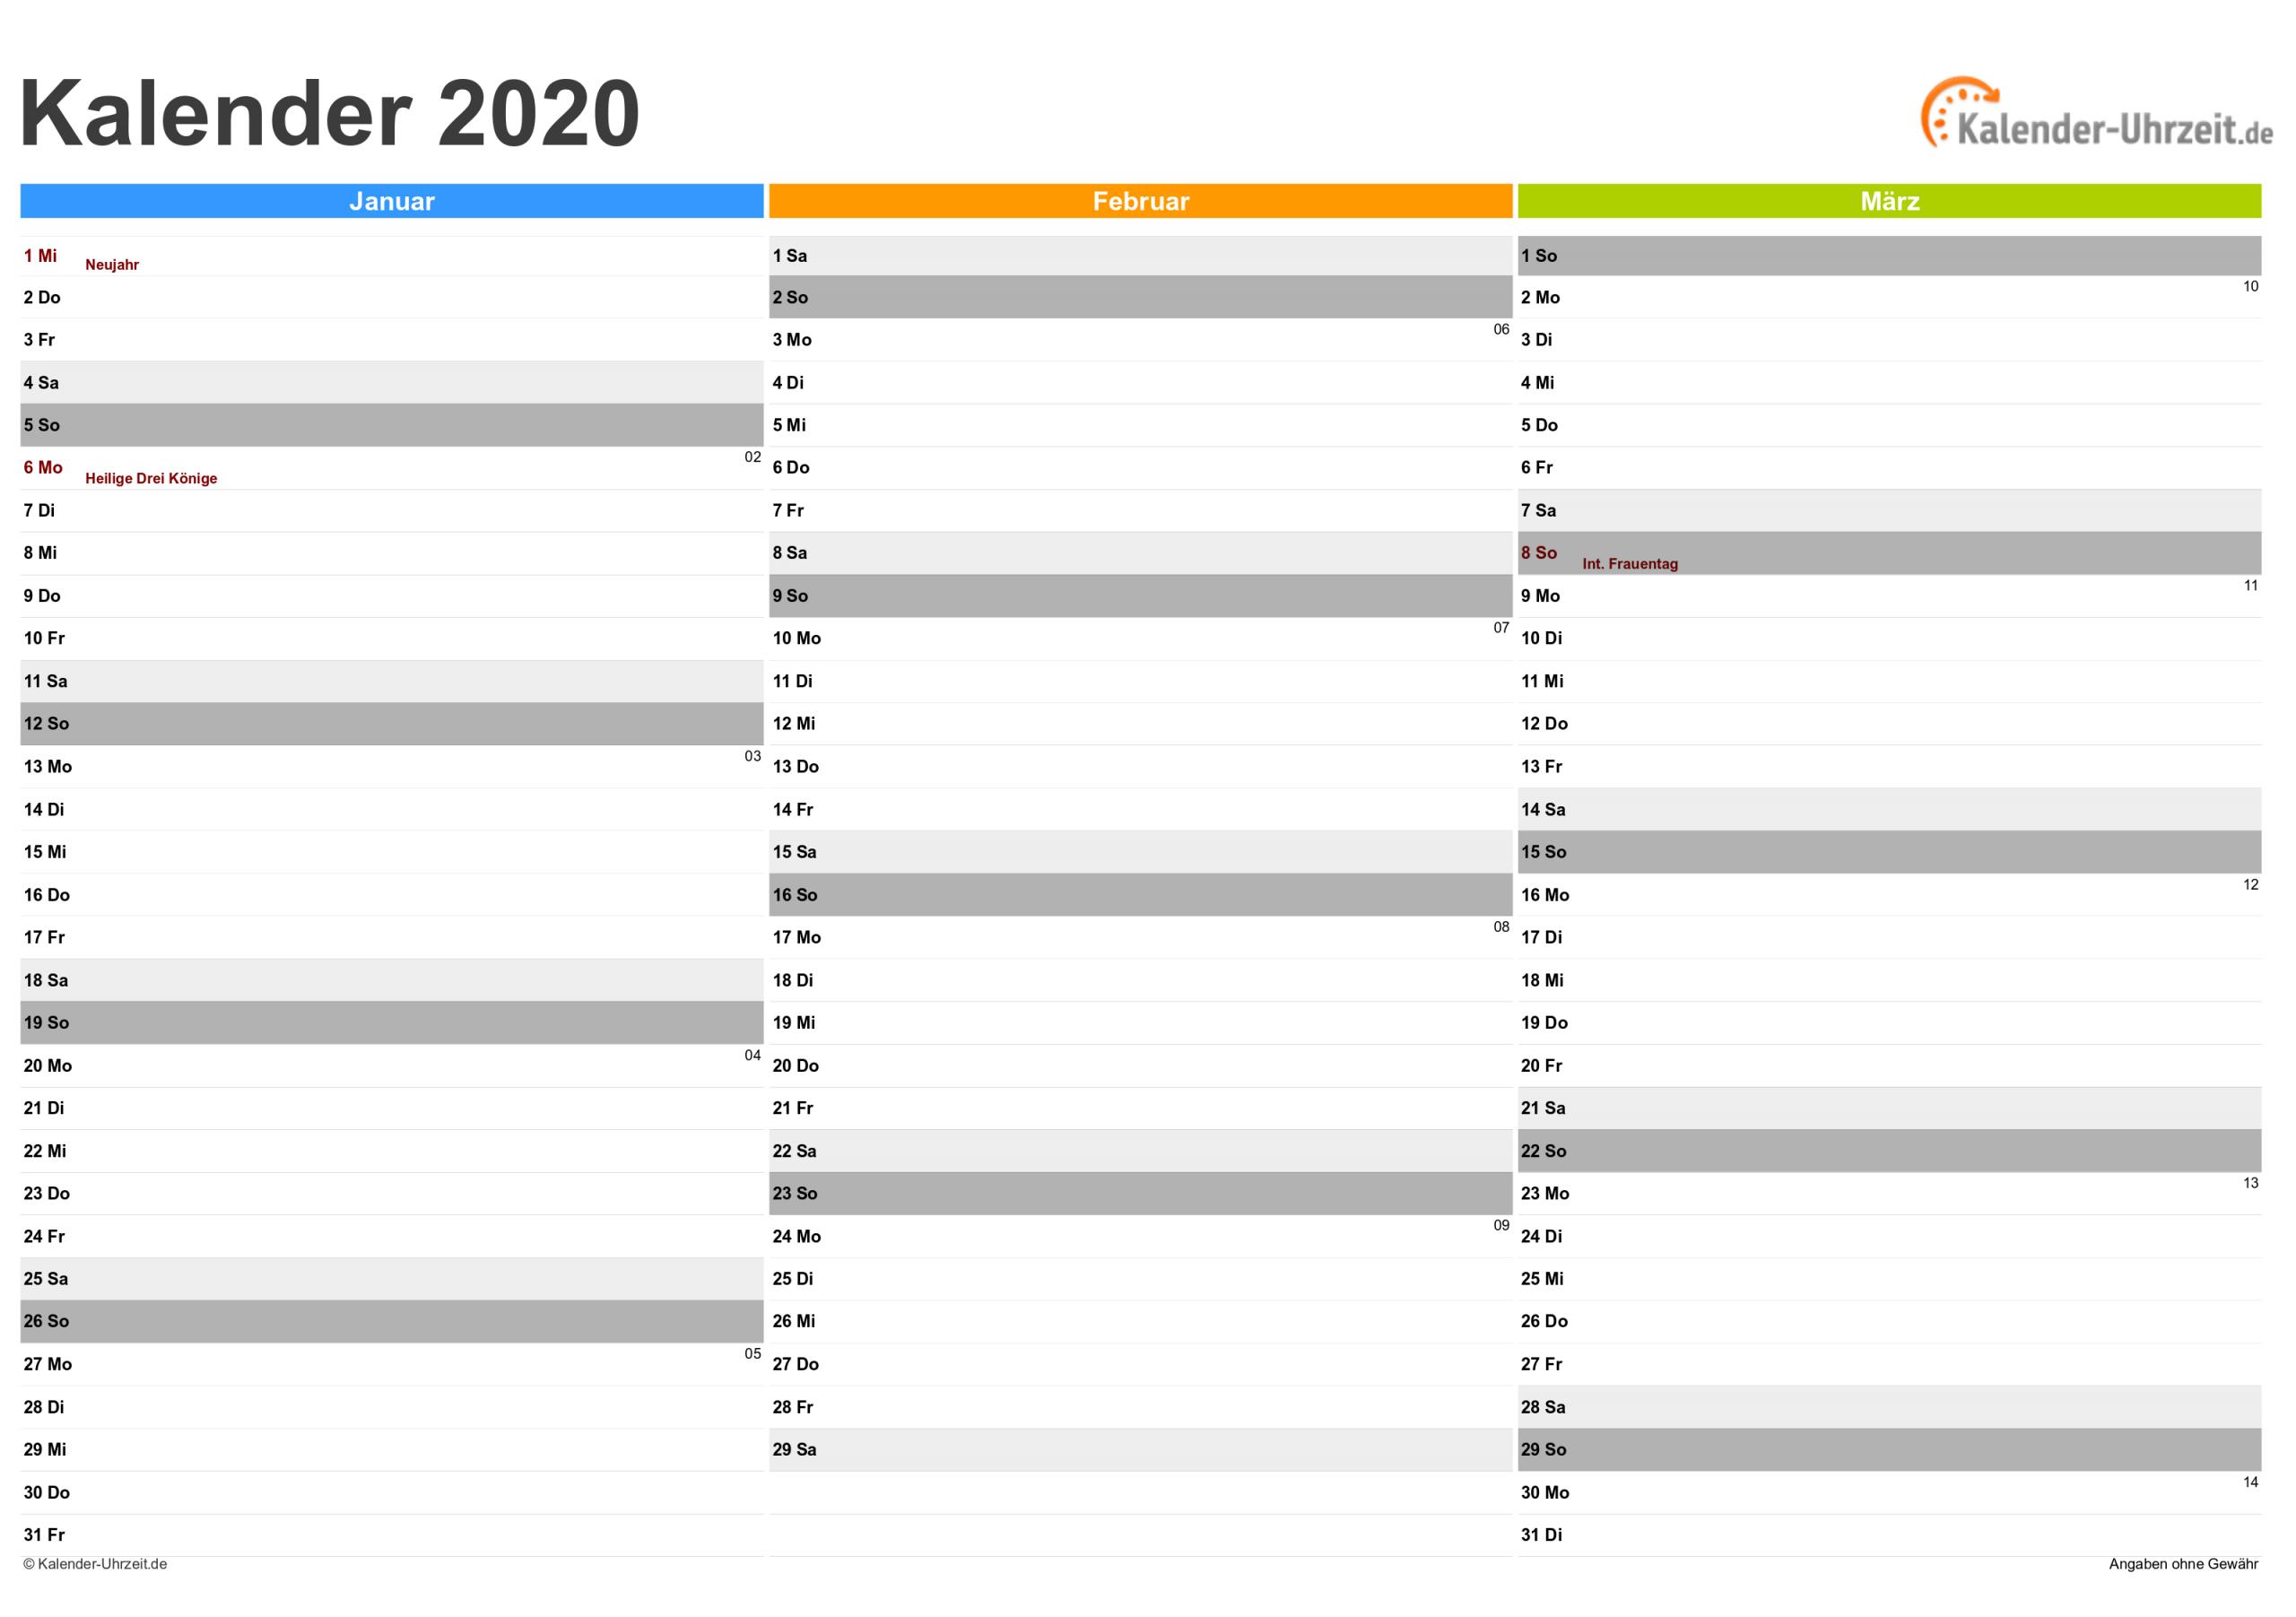 Kalender 2020 Zum Ausdrucken - Kostenlos bei Online Kalender Zum Eintragen